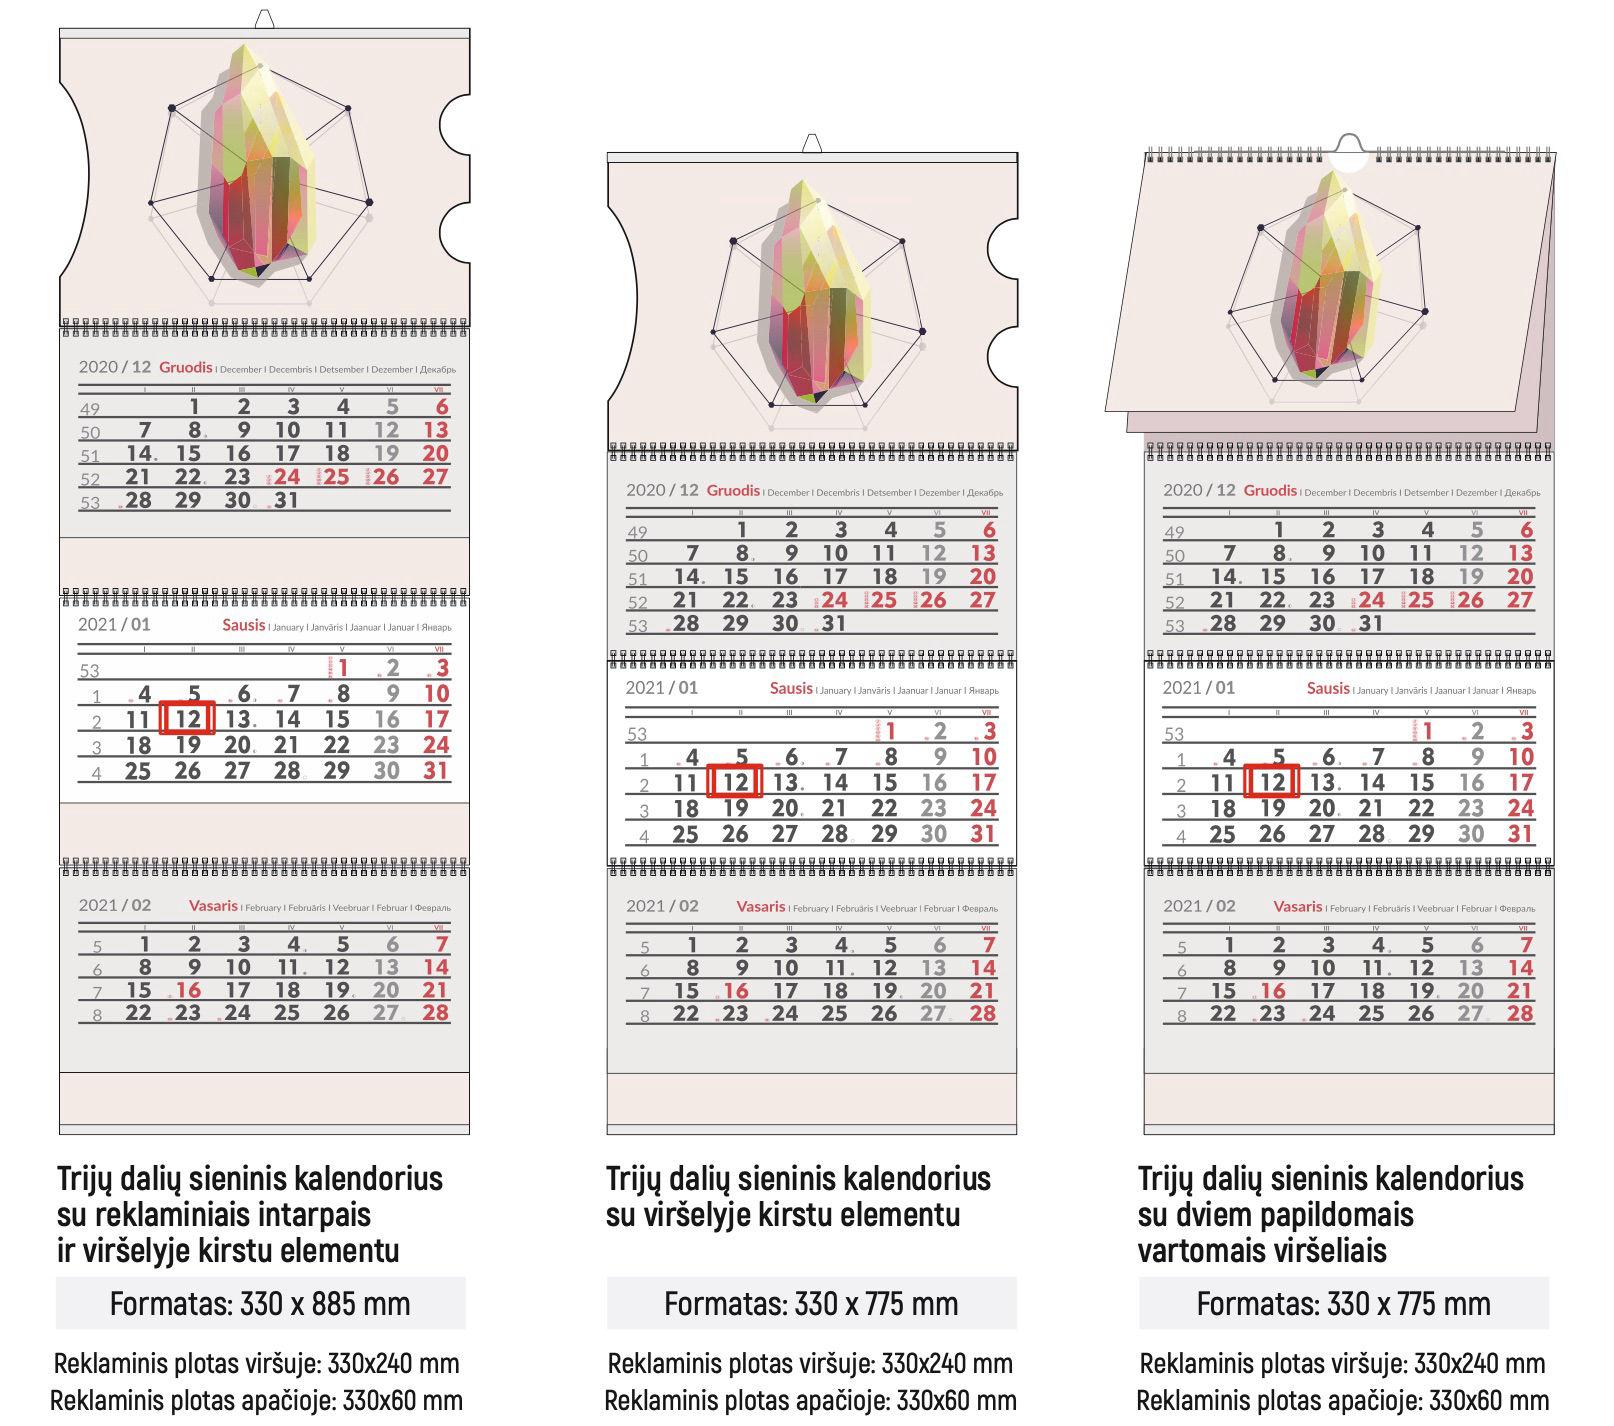 Sieniniai trijų dalių su kirstu elementu kalendoriai